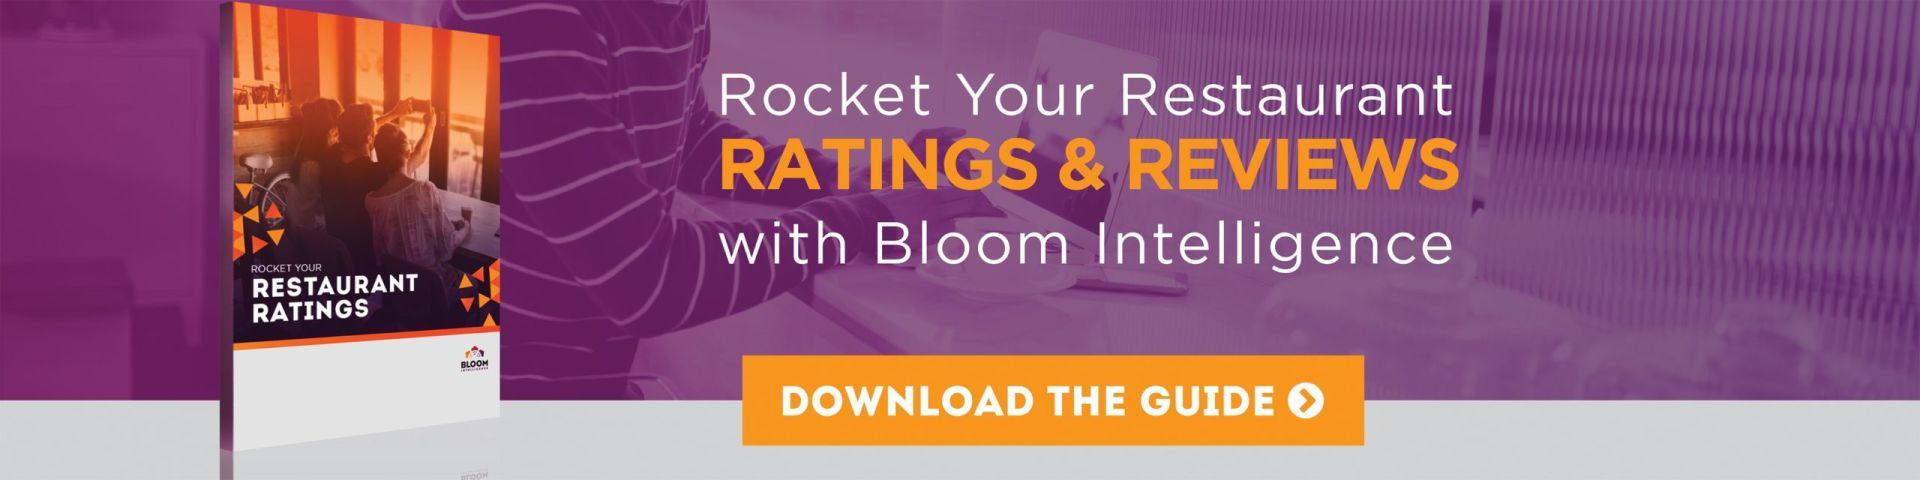 Restaurant Marketing for Higher Ratings